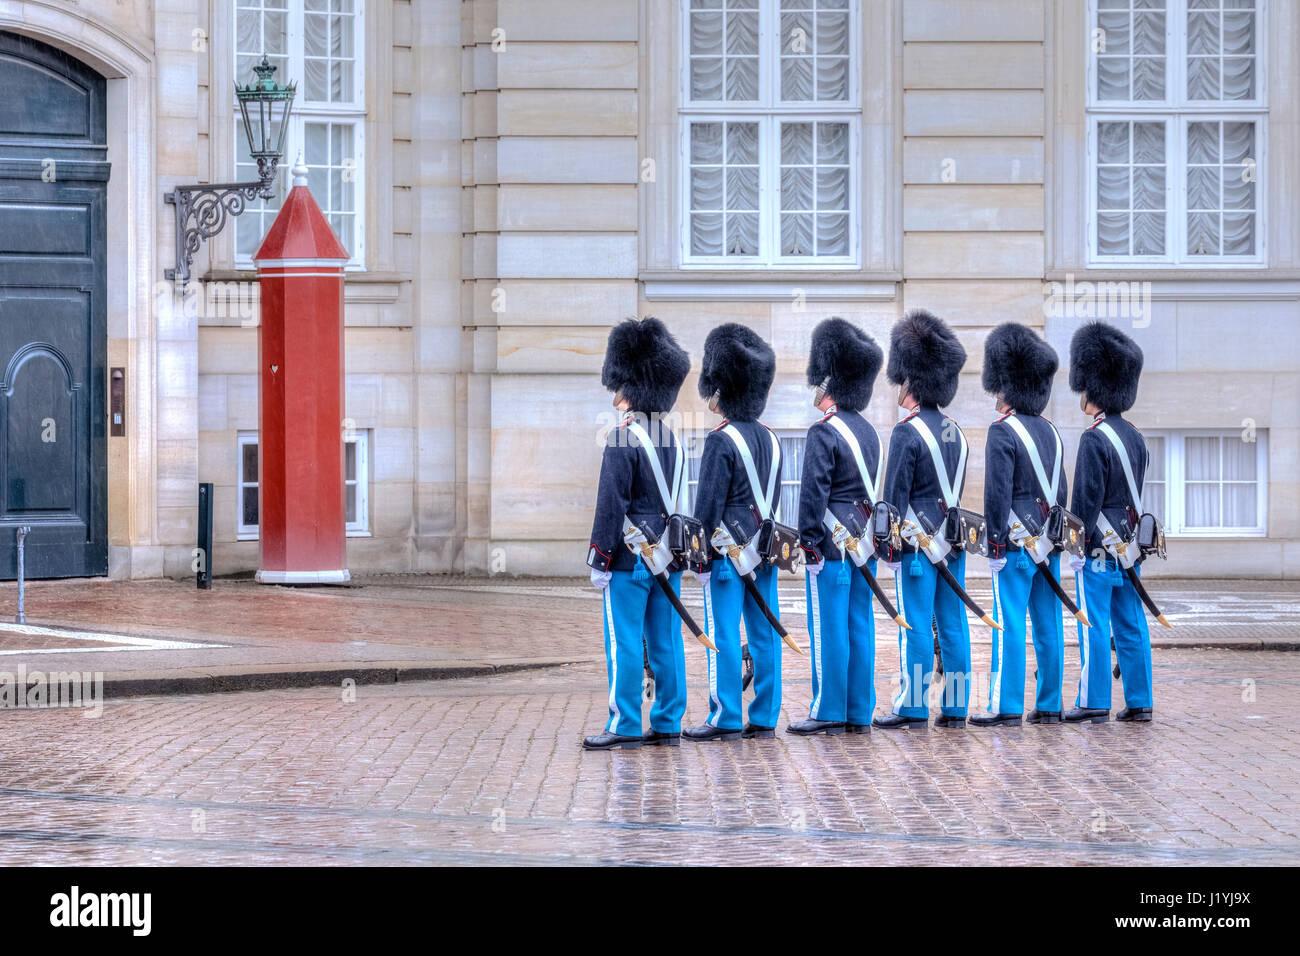 Los guardias de Palacio Amalienborg, en Copenhague, Dinamarca, Escandinavia Imagen De Stock